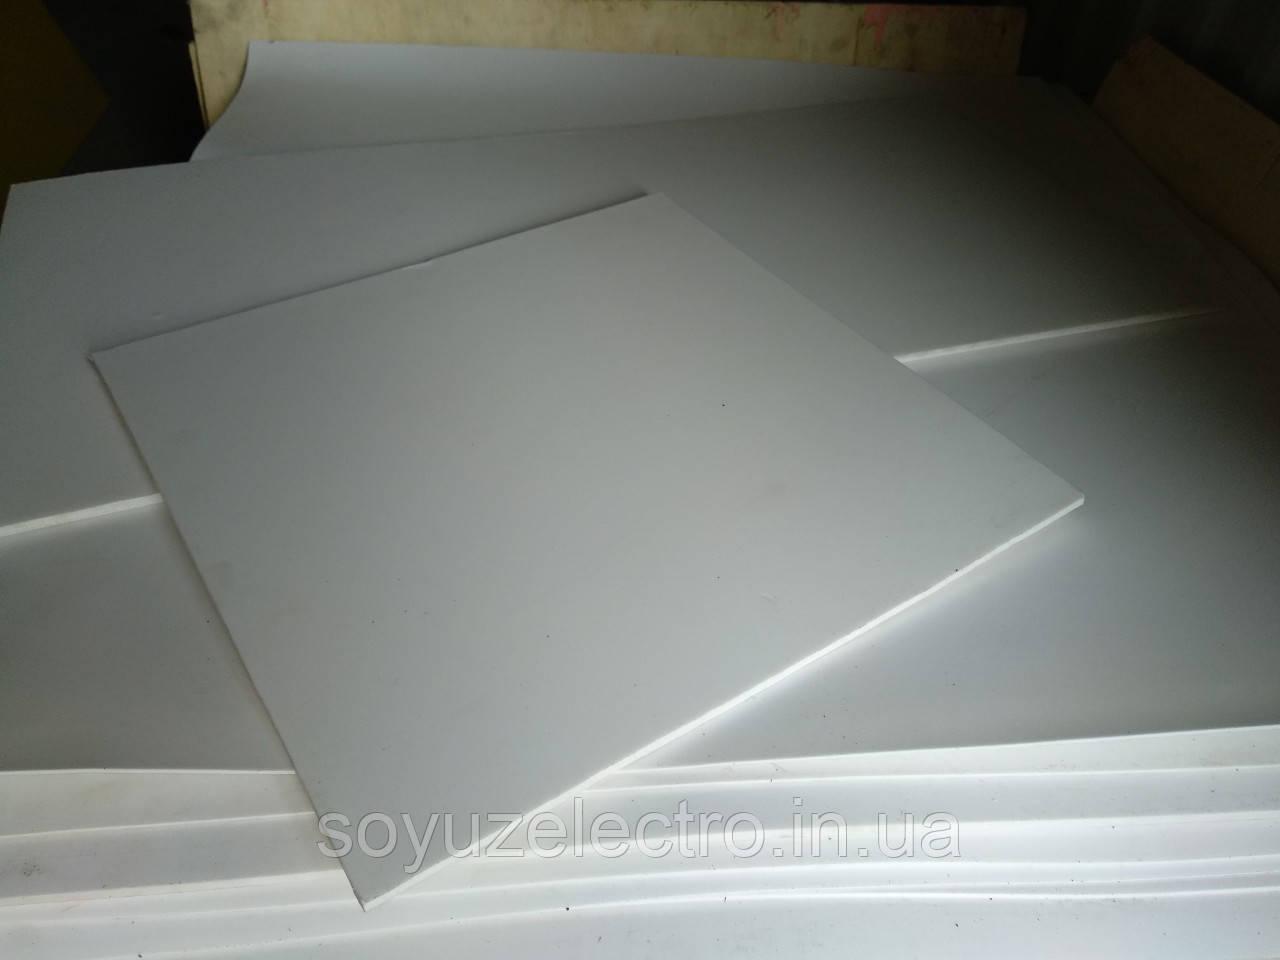 Фторопласт лист Ф4 6 мм 500х500 мм